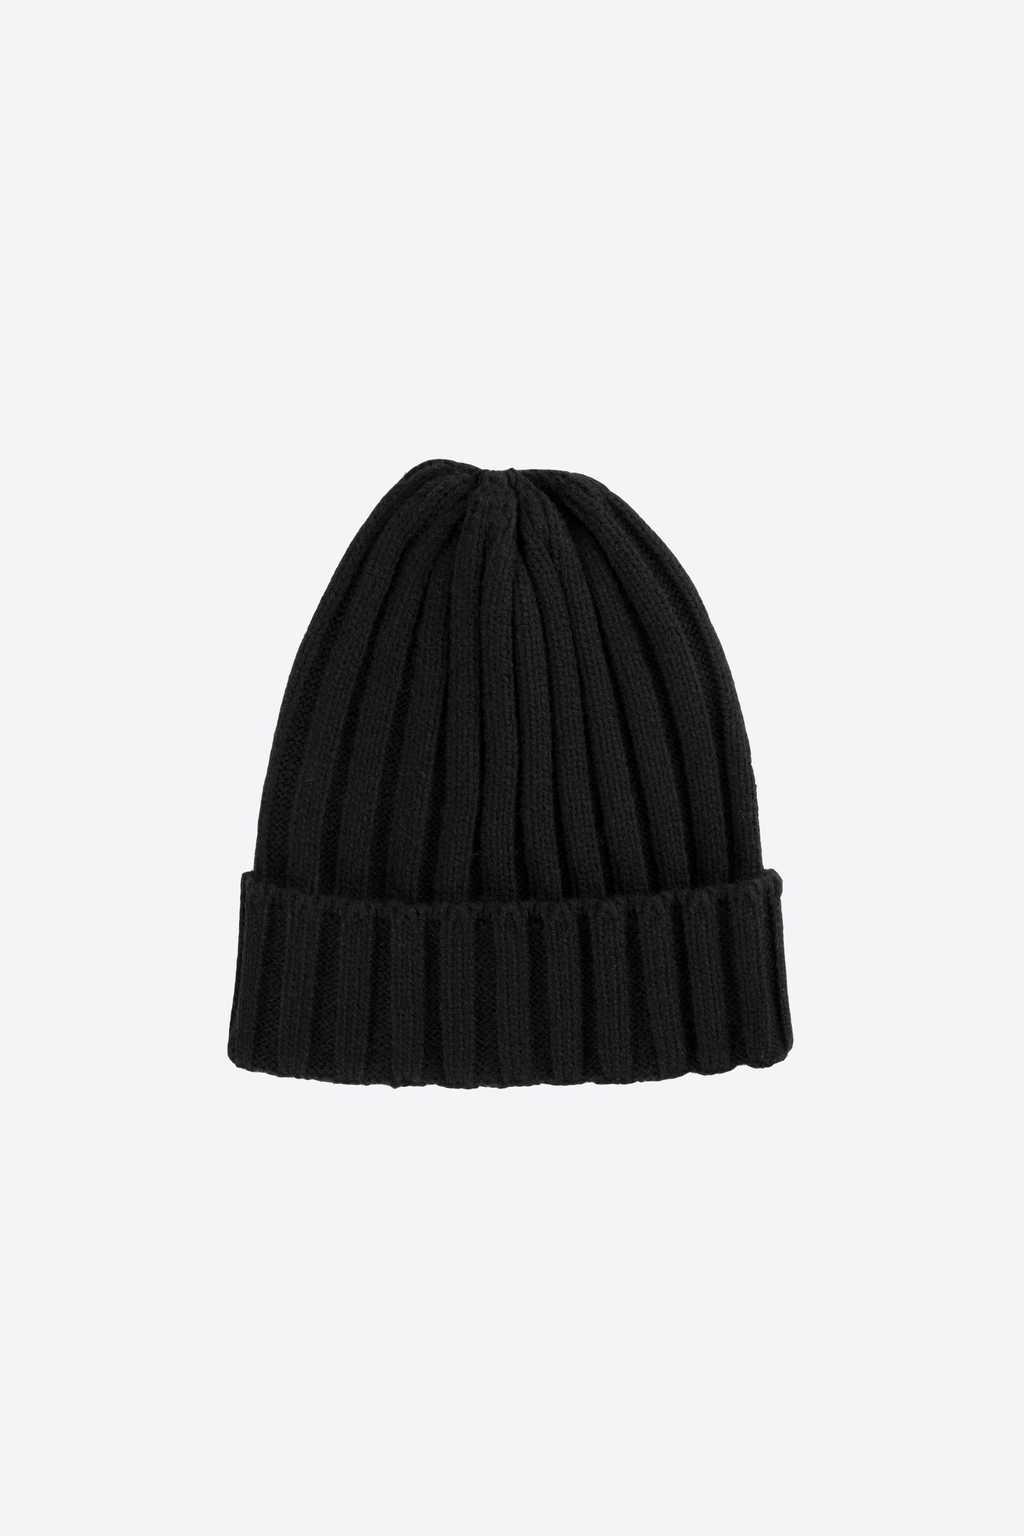 Hat 97027 Black 3